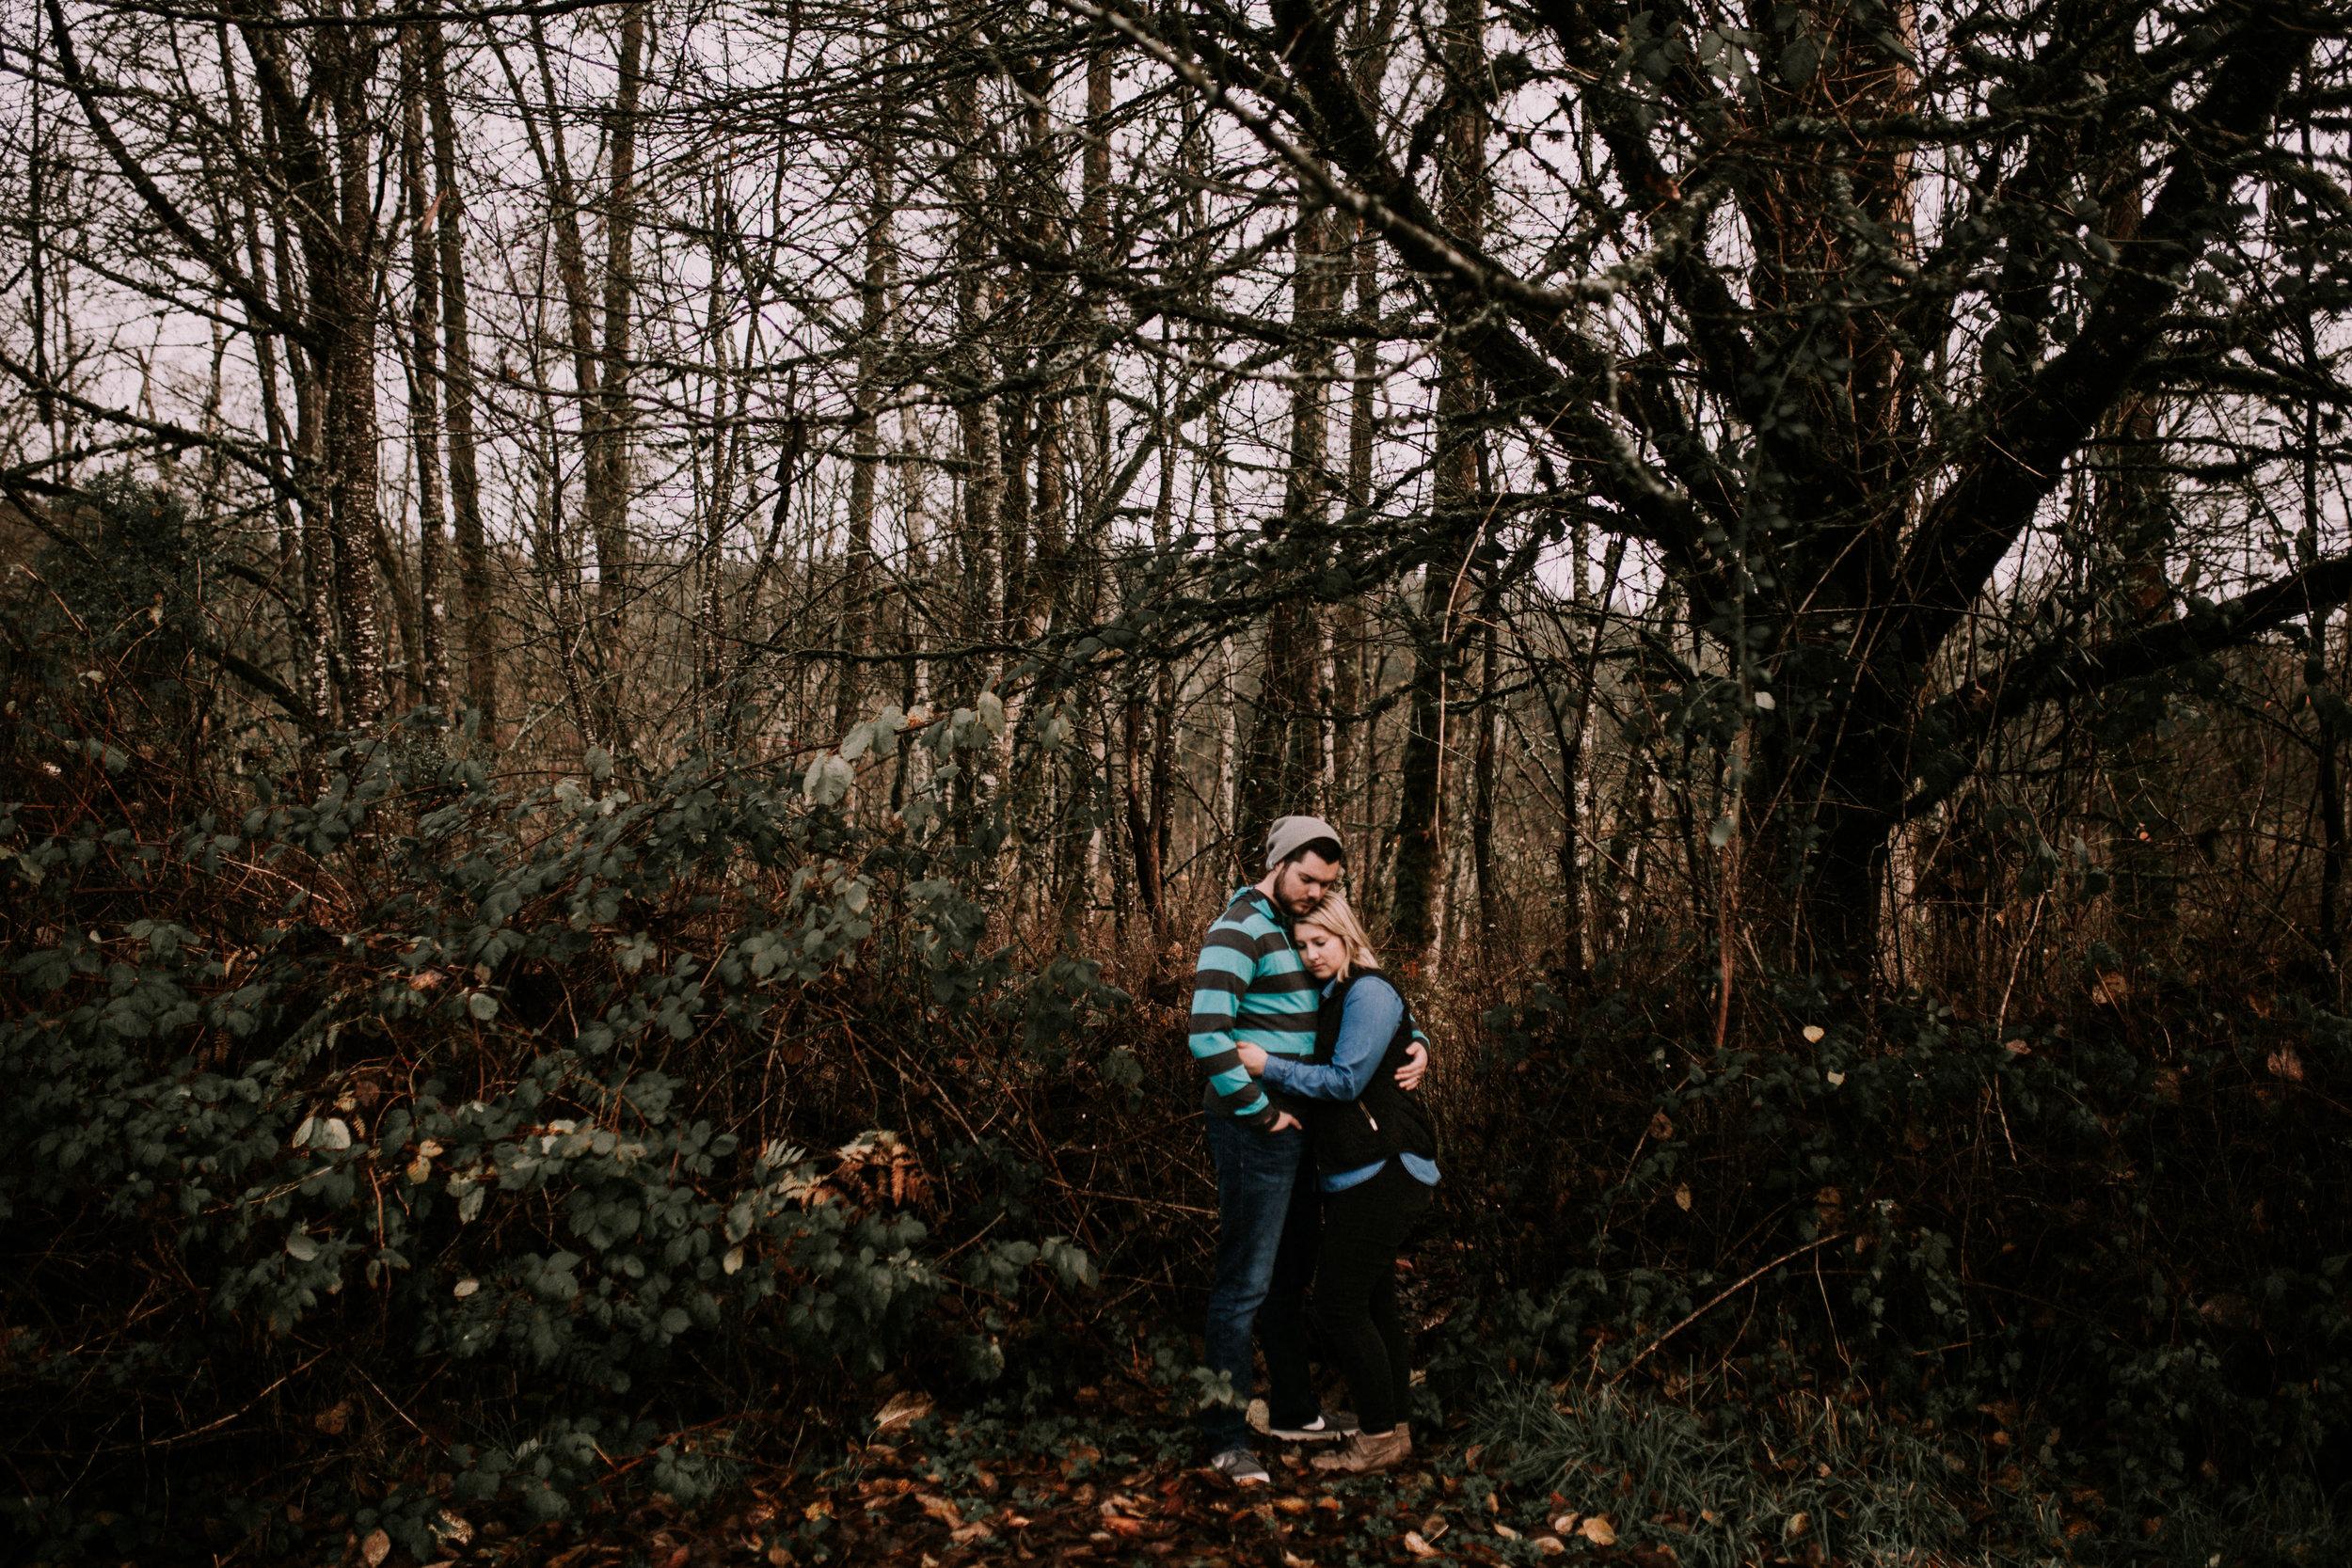 Seattle Engagement Photographer - Engaged - Seattle Wedding Photographer - Seattle Couple's Session - PNW Wedding Photographer - PNW Elopement Photographer - Las Vegas Wedding Photographer - California Wedding Photographer - Fog - Flaming Geyser State Park - Moody Photographer - Couple's Session - Anniversary Session - Auburn, WA - Washington Couple's Photographer - Portland Wedding Photographer - Portland Elopement Photographer - - Madi + Dano - Kamra Fuller Photography - Romantic